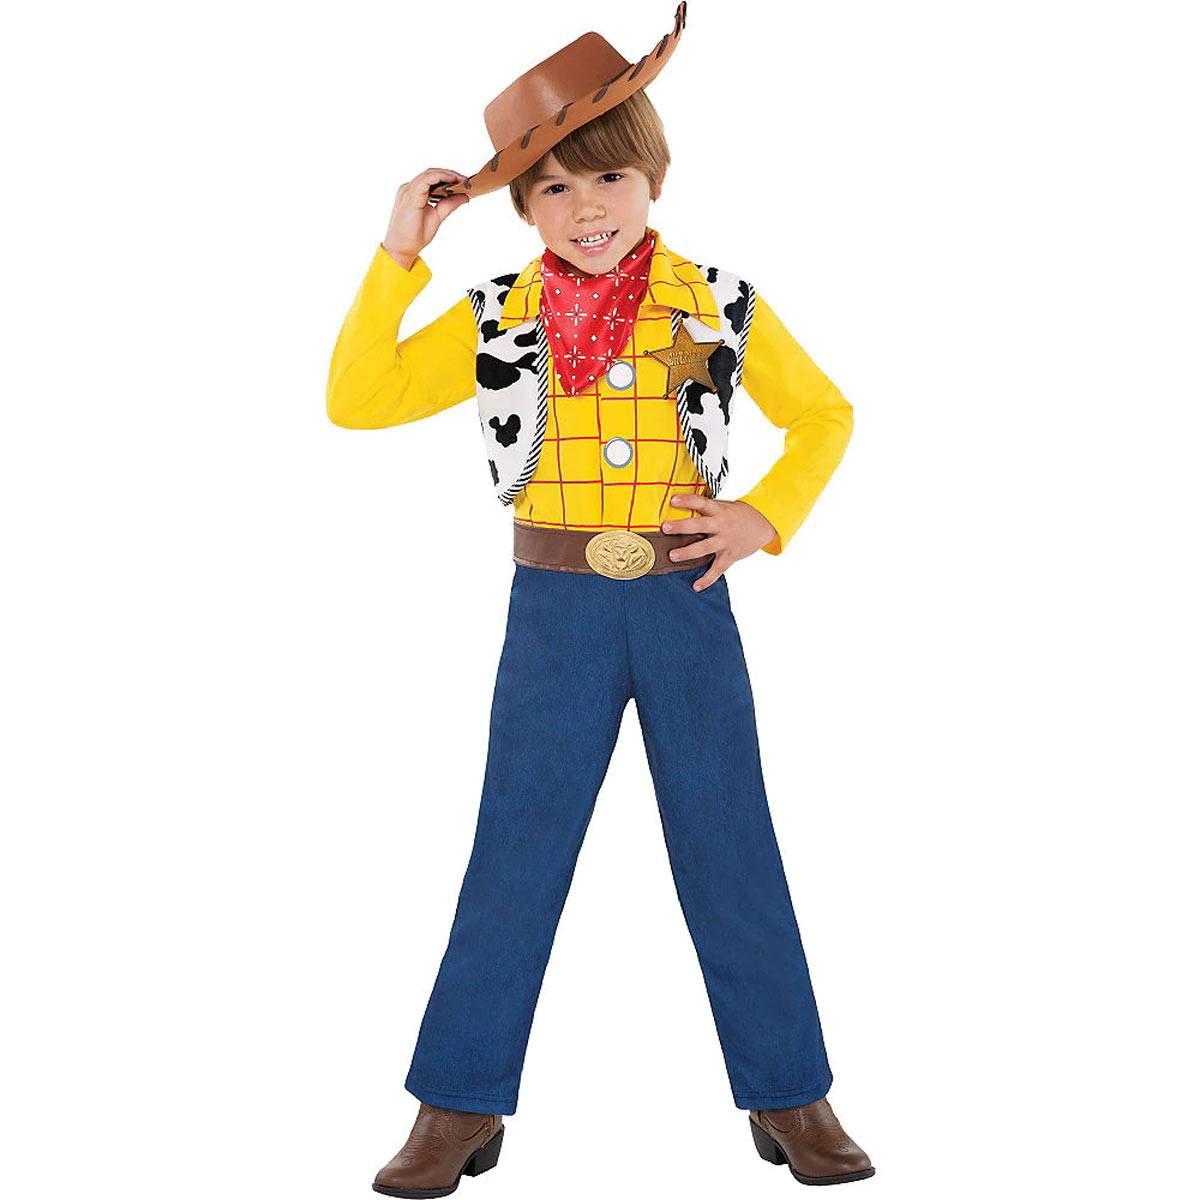 ディズニー トイストーリー ウッディ コスプレ コスチューム 子供服 なりきり ハロウィン バズ ディズニー公式 Disny Toy Story